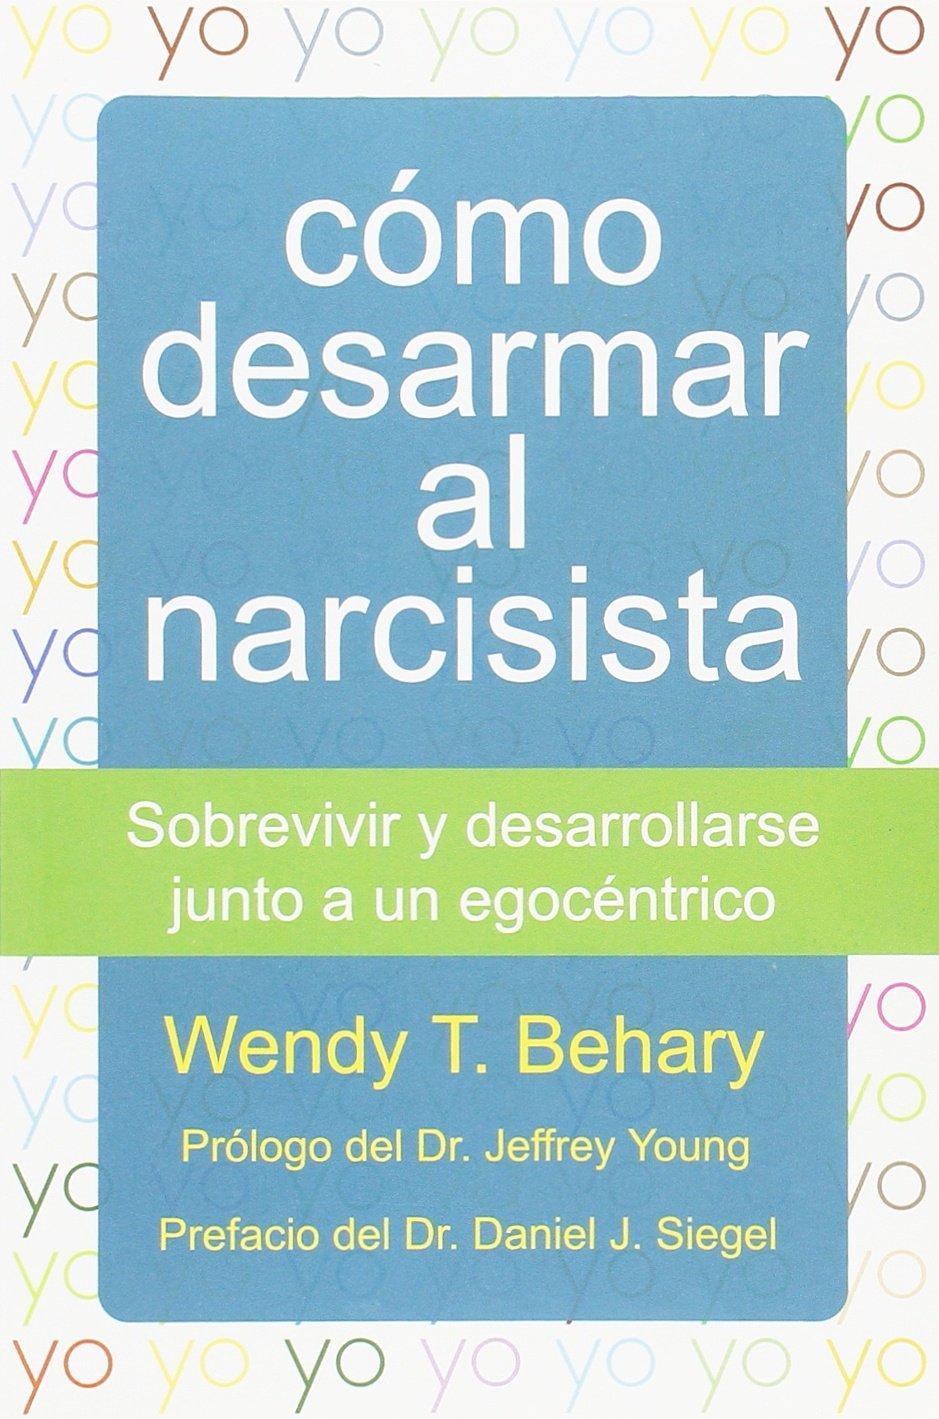 Como desarmar al narcisista: Sobrevivir y desarrollarse junto a un  egocéntrico (LIBROS DE PSICOLOGIA) : Wendy T. Behary, Wendy T. Behary:  Amazon.es: Libros